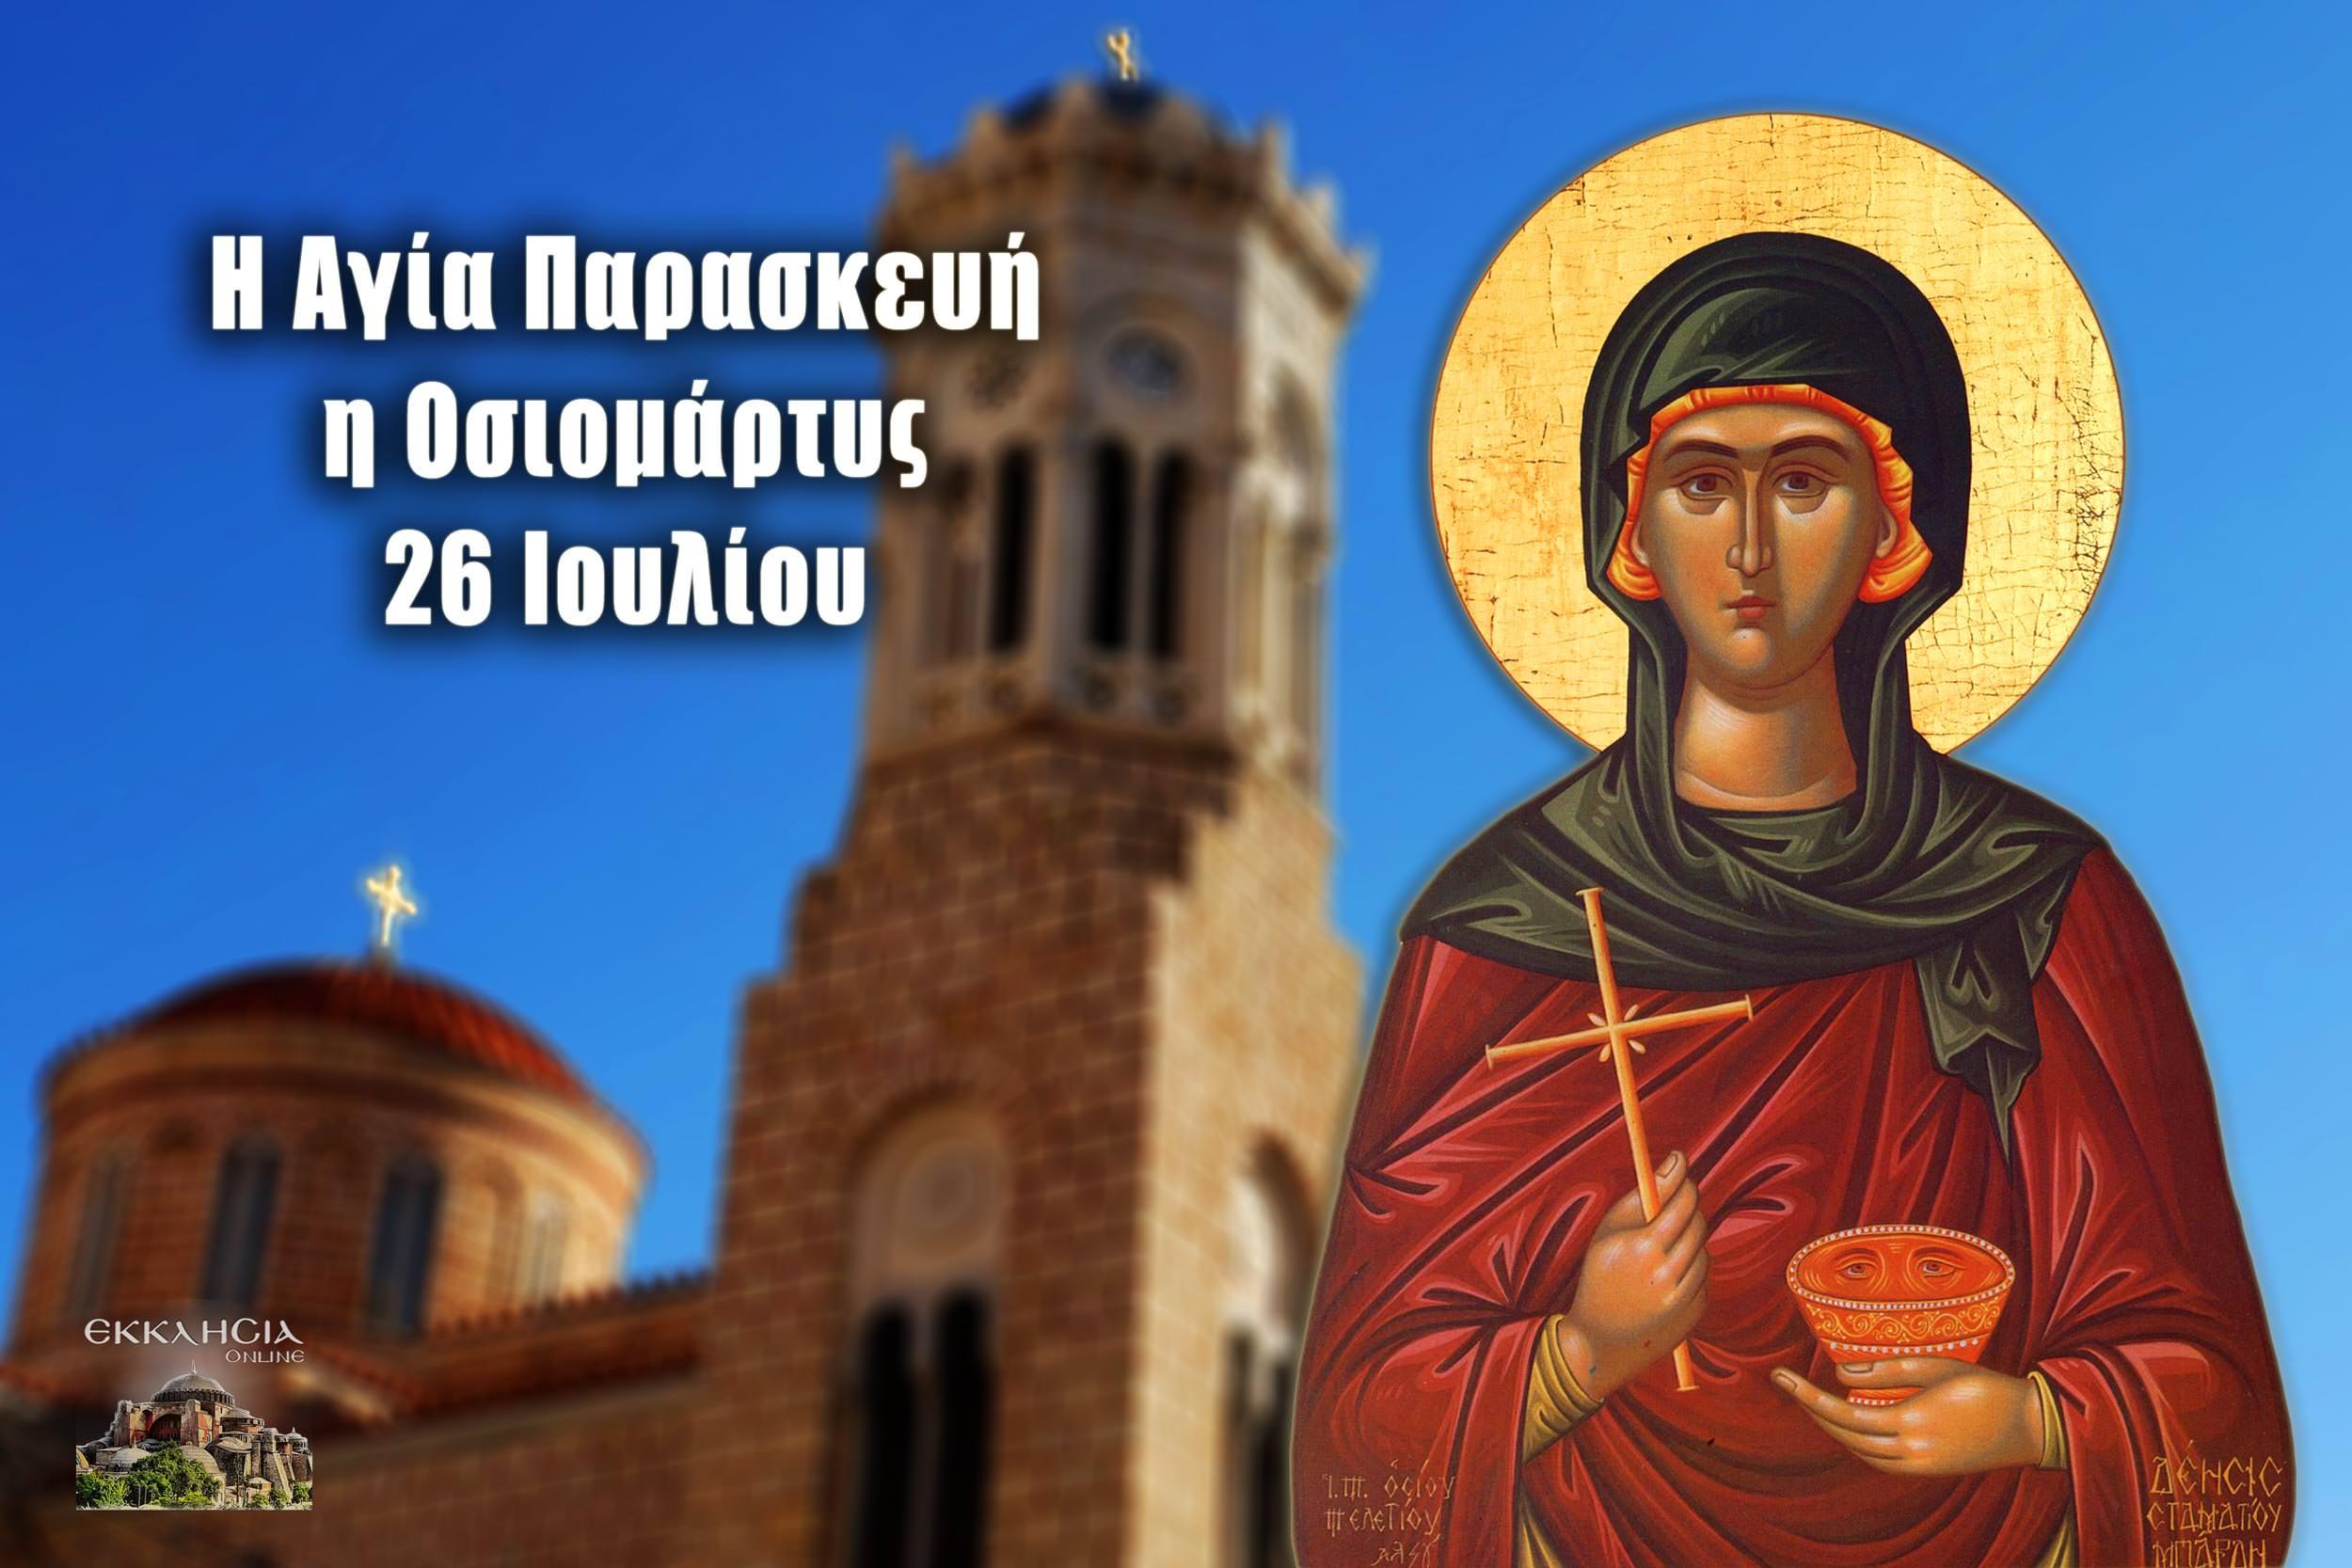 Αγία Παρασκευή η Οσιομάρτυς 26 Ιουλίου